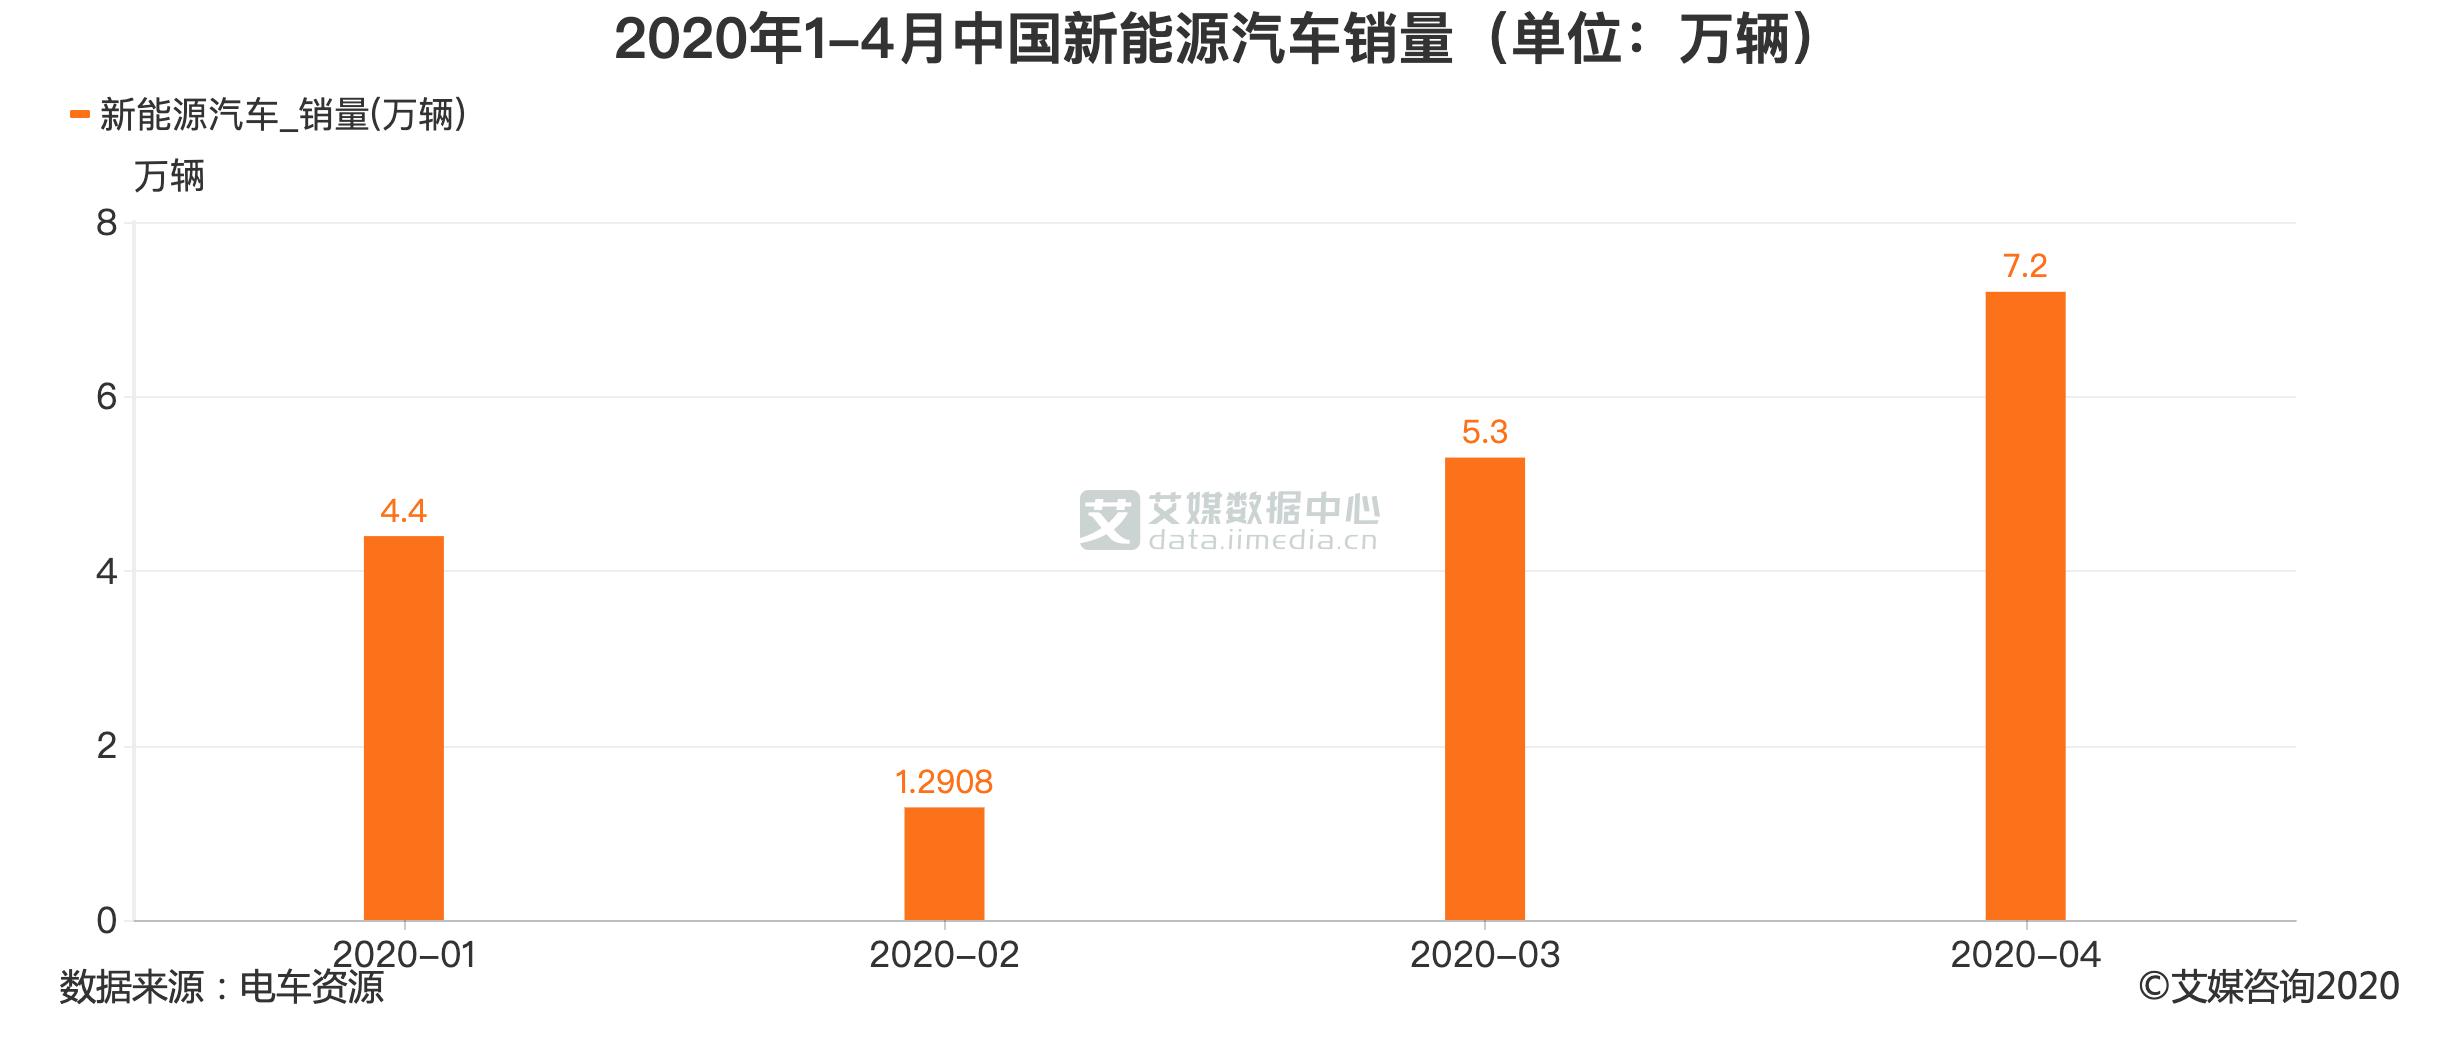 2020年1-4月中国新能源汽车销量(单位:万辆)